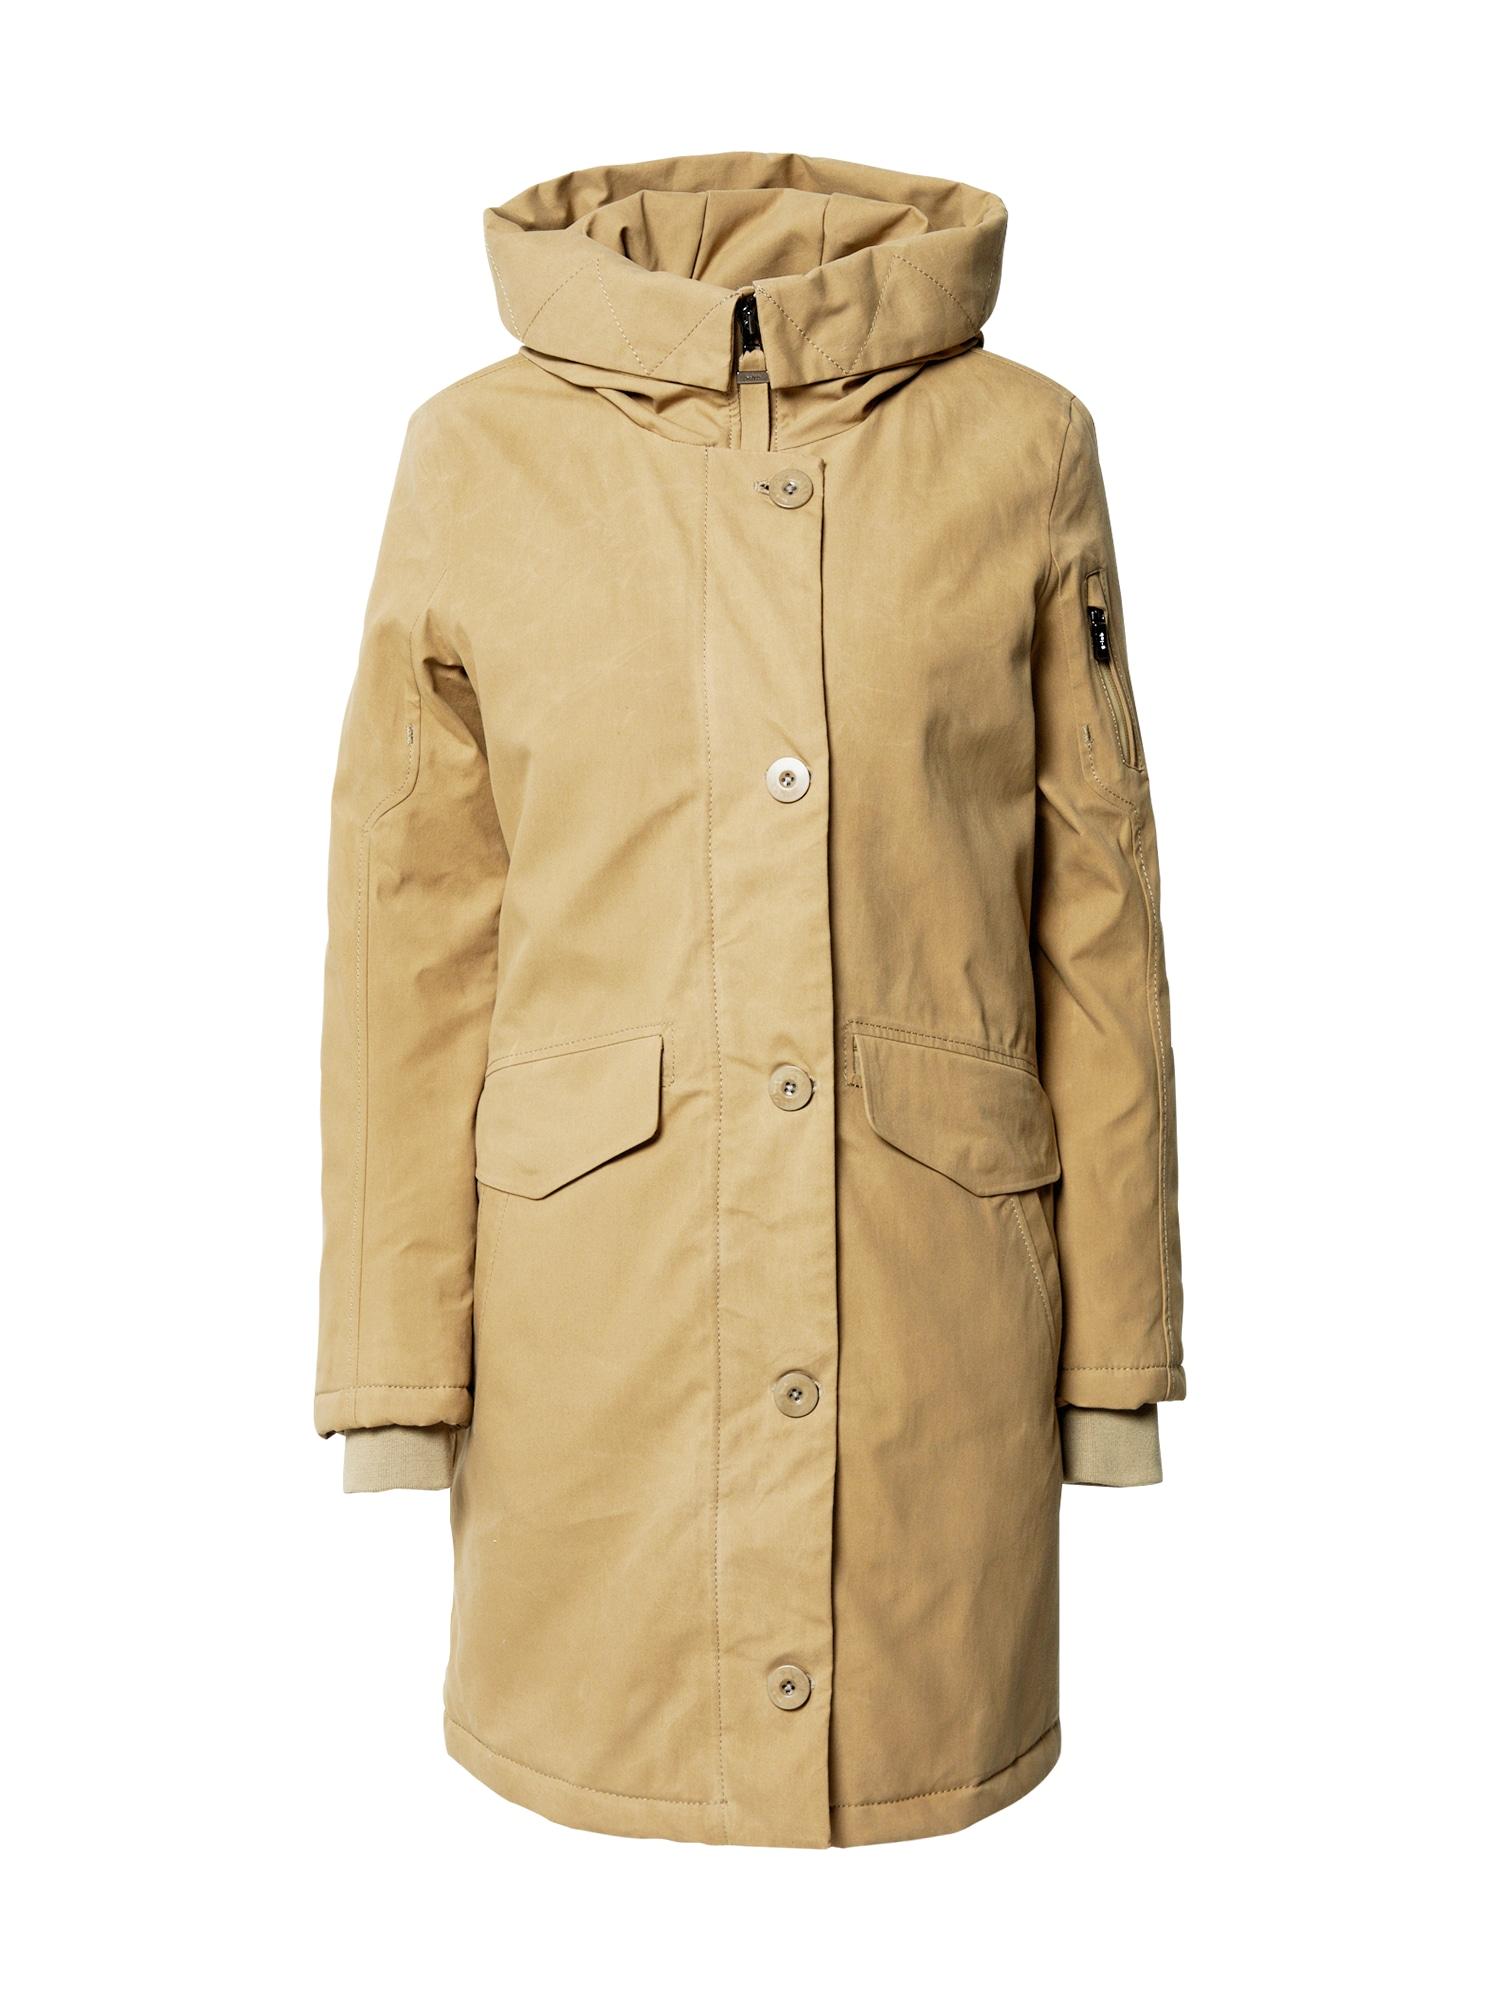 g-lab Rudeninis-žieminis paltas 'Smilla' smėlio